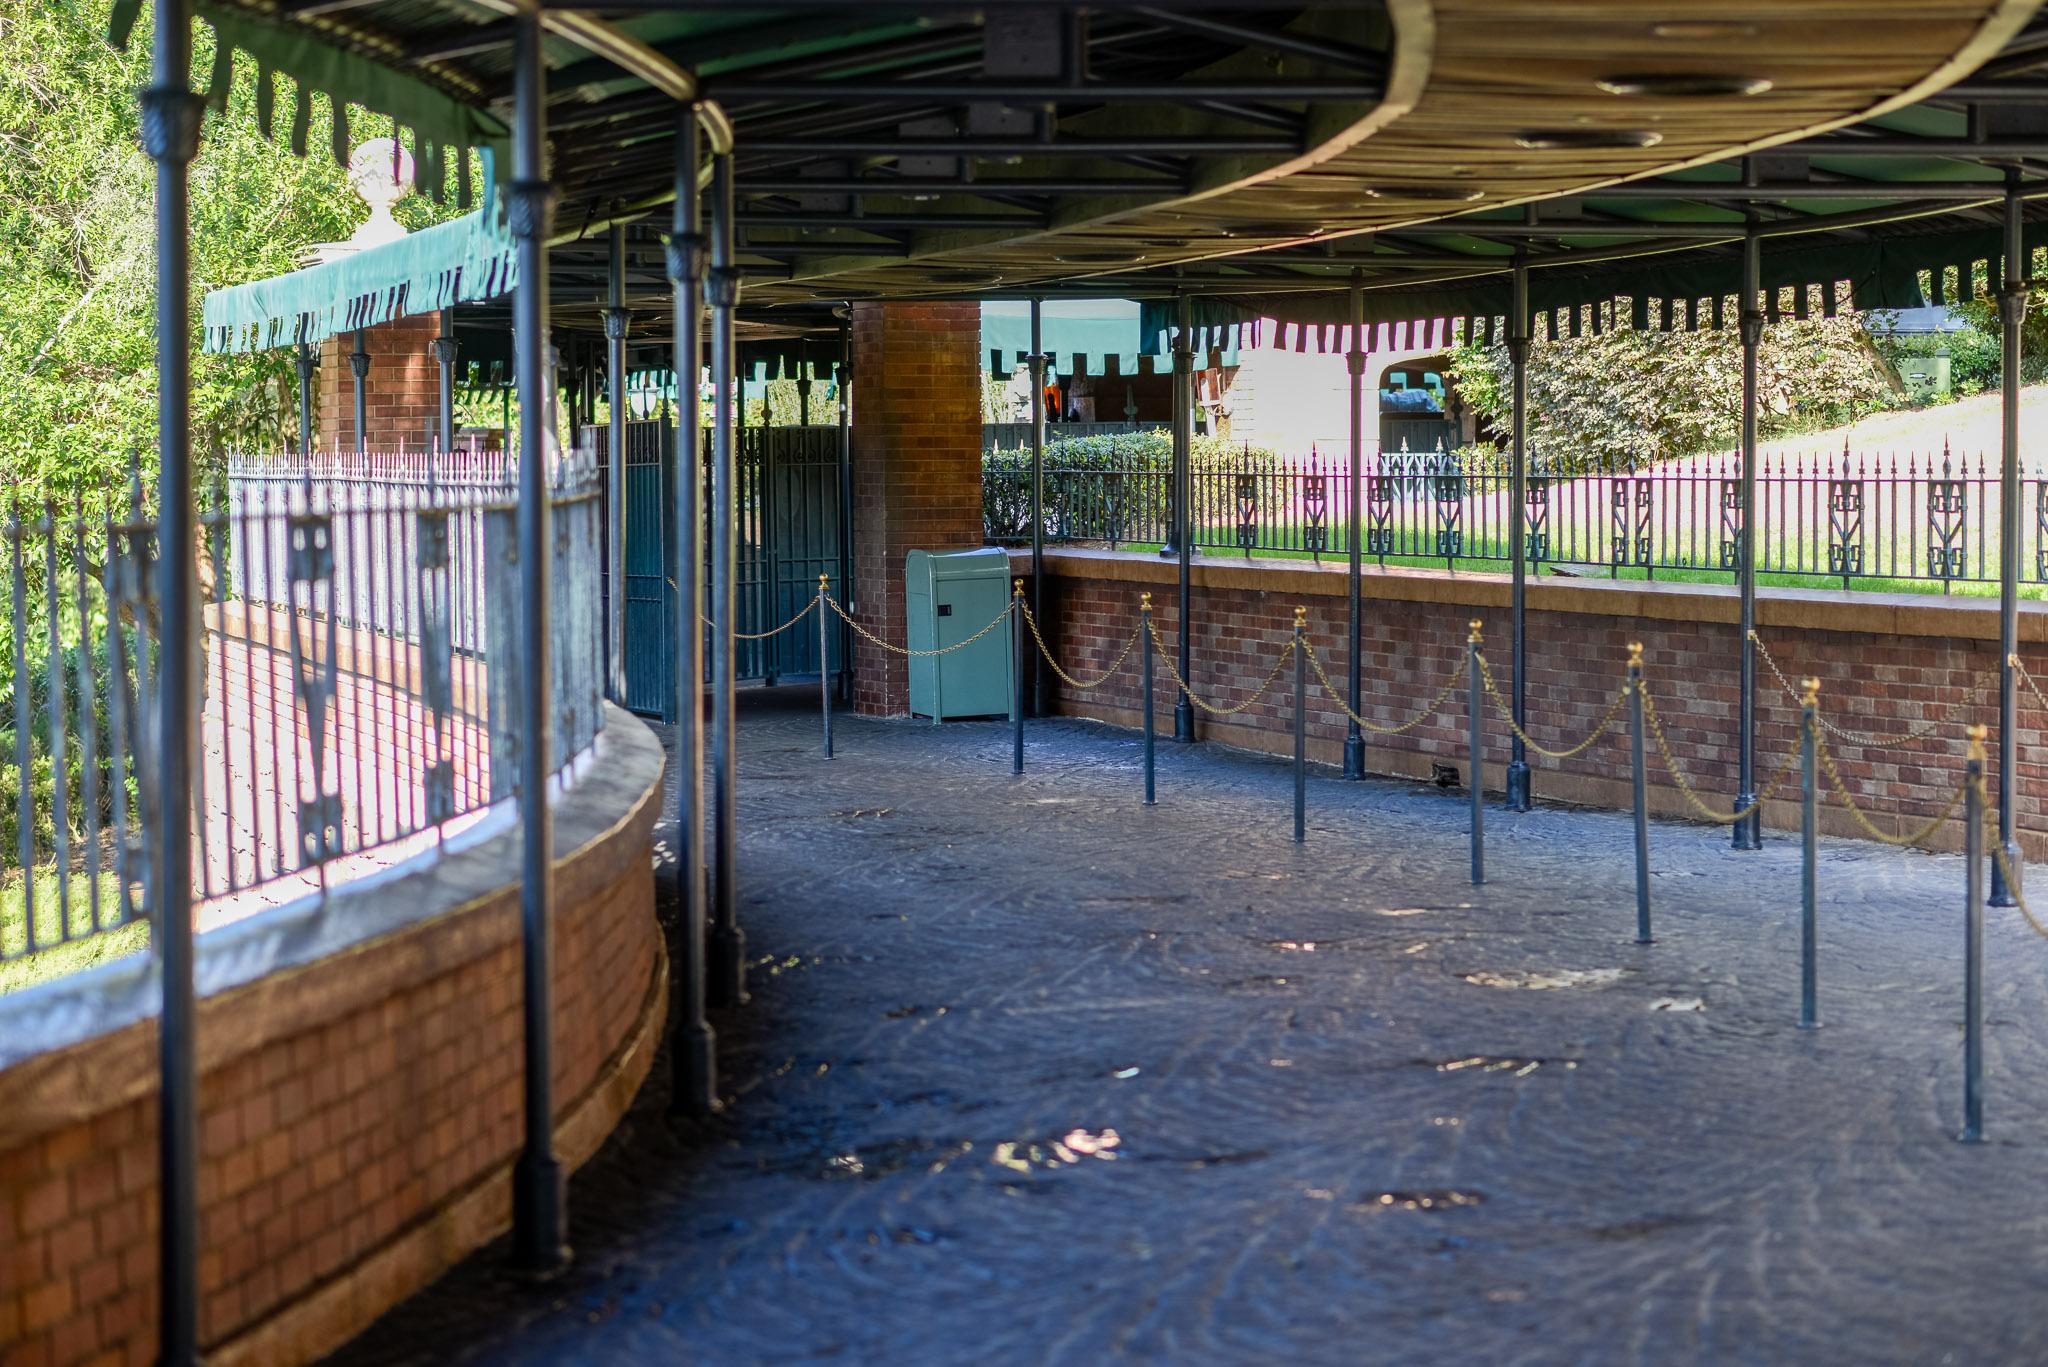 Haunted Mansion Empty Queue - Walt Disney World Magic Kingdom